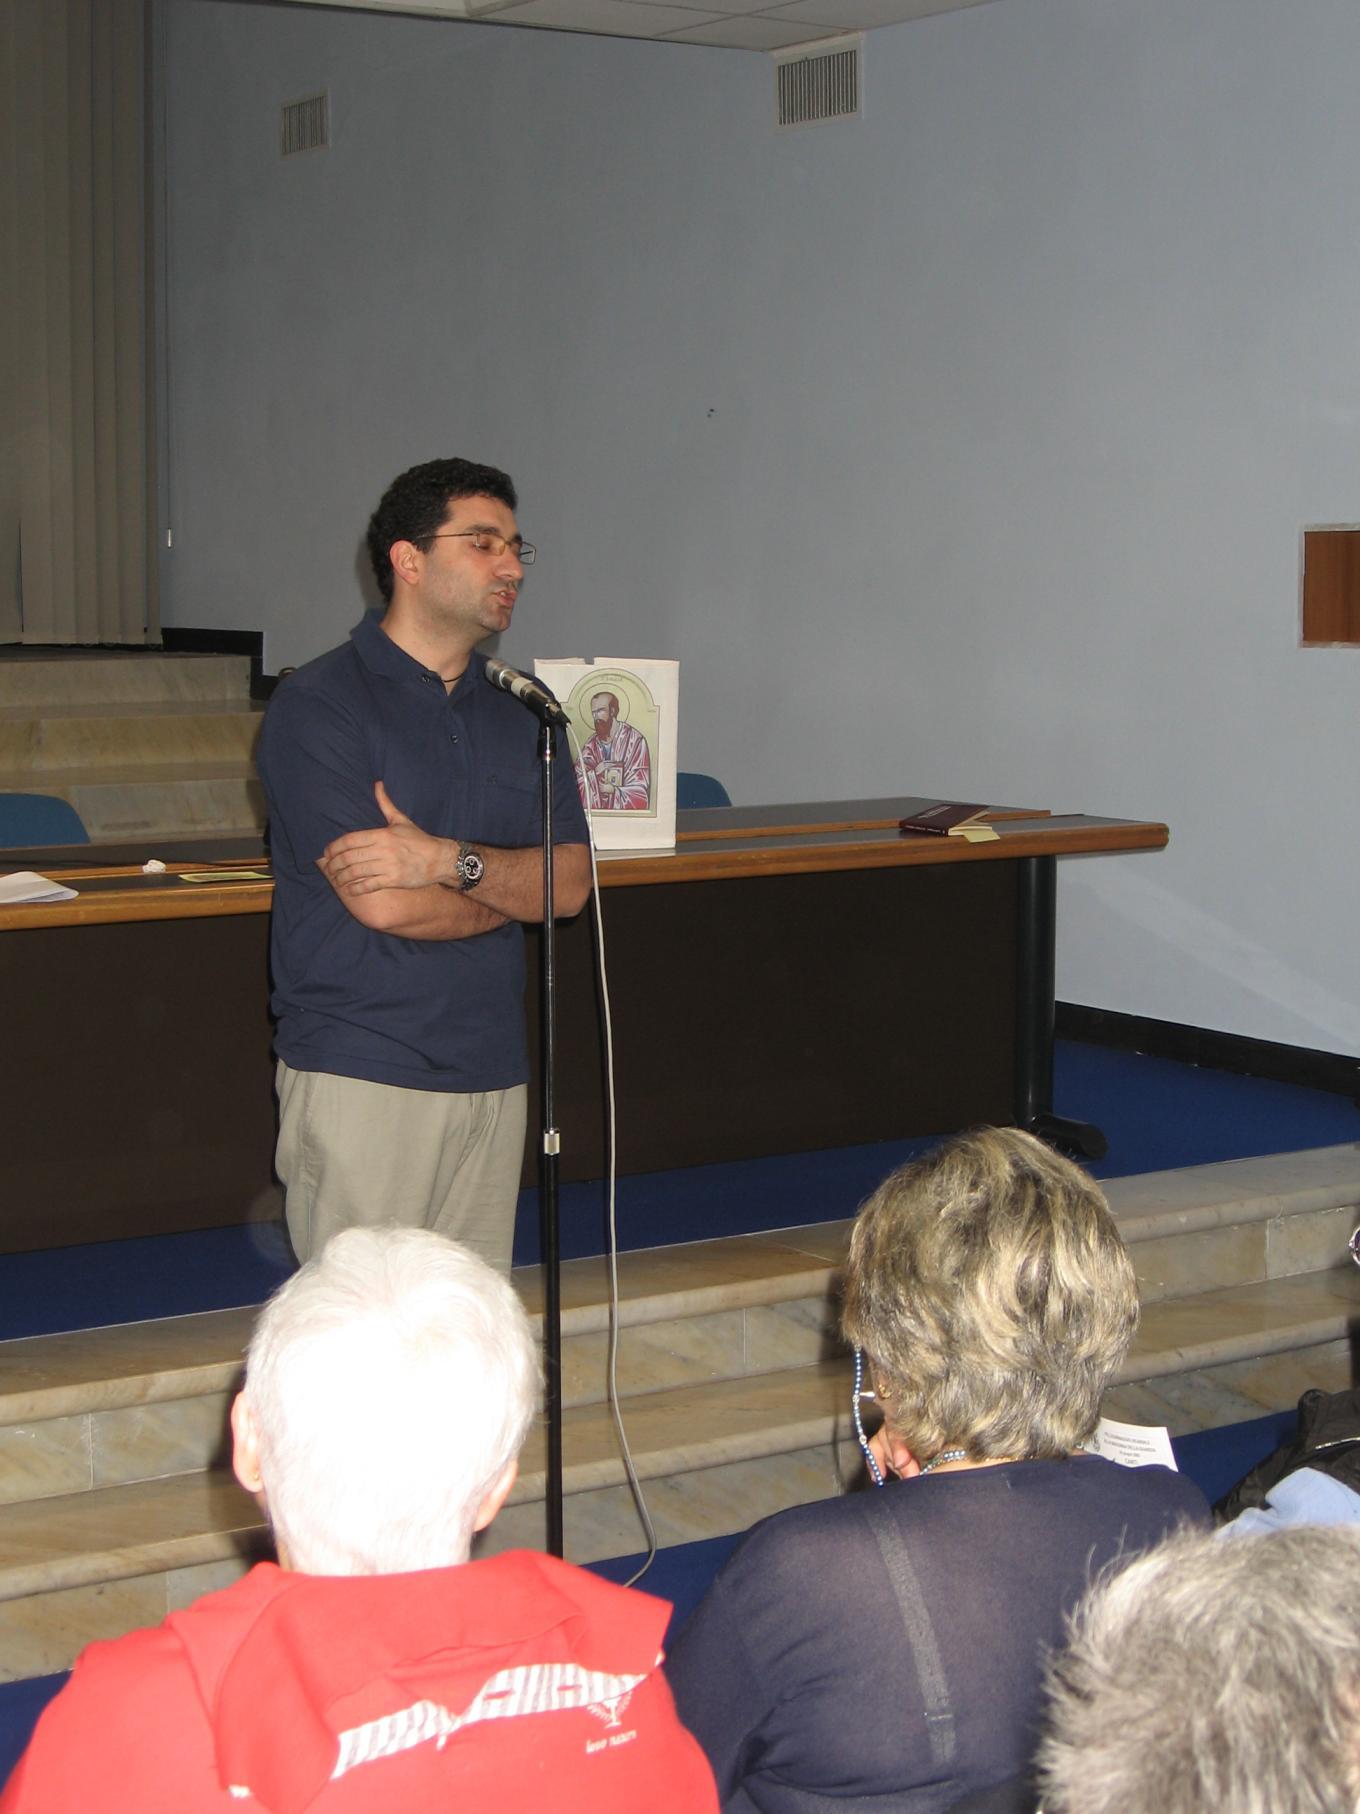 Pellegrinaggio_Vicariale_Guardia-2009-06-20--10.46.34